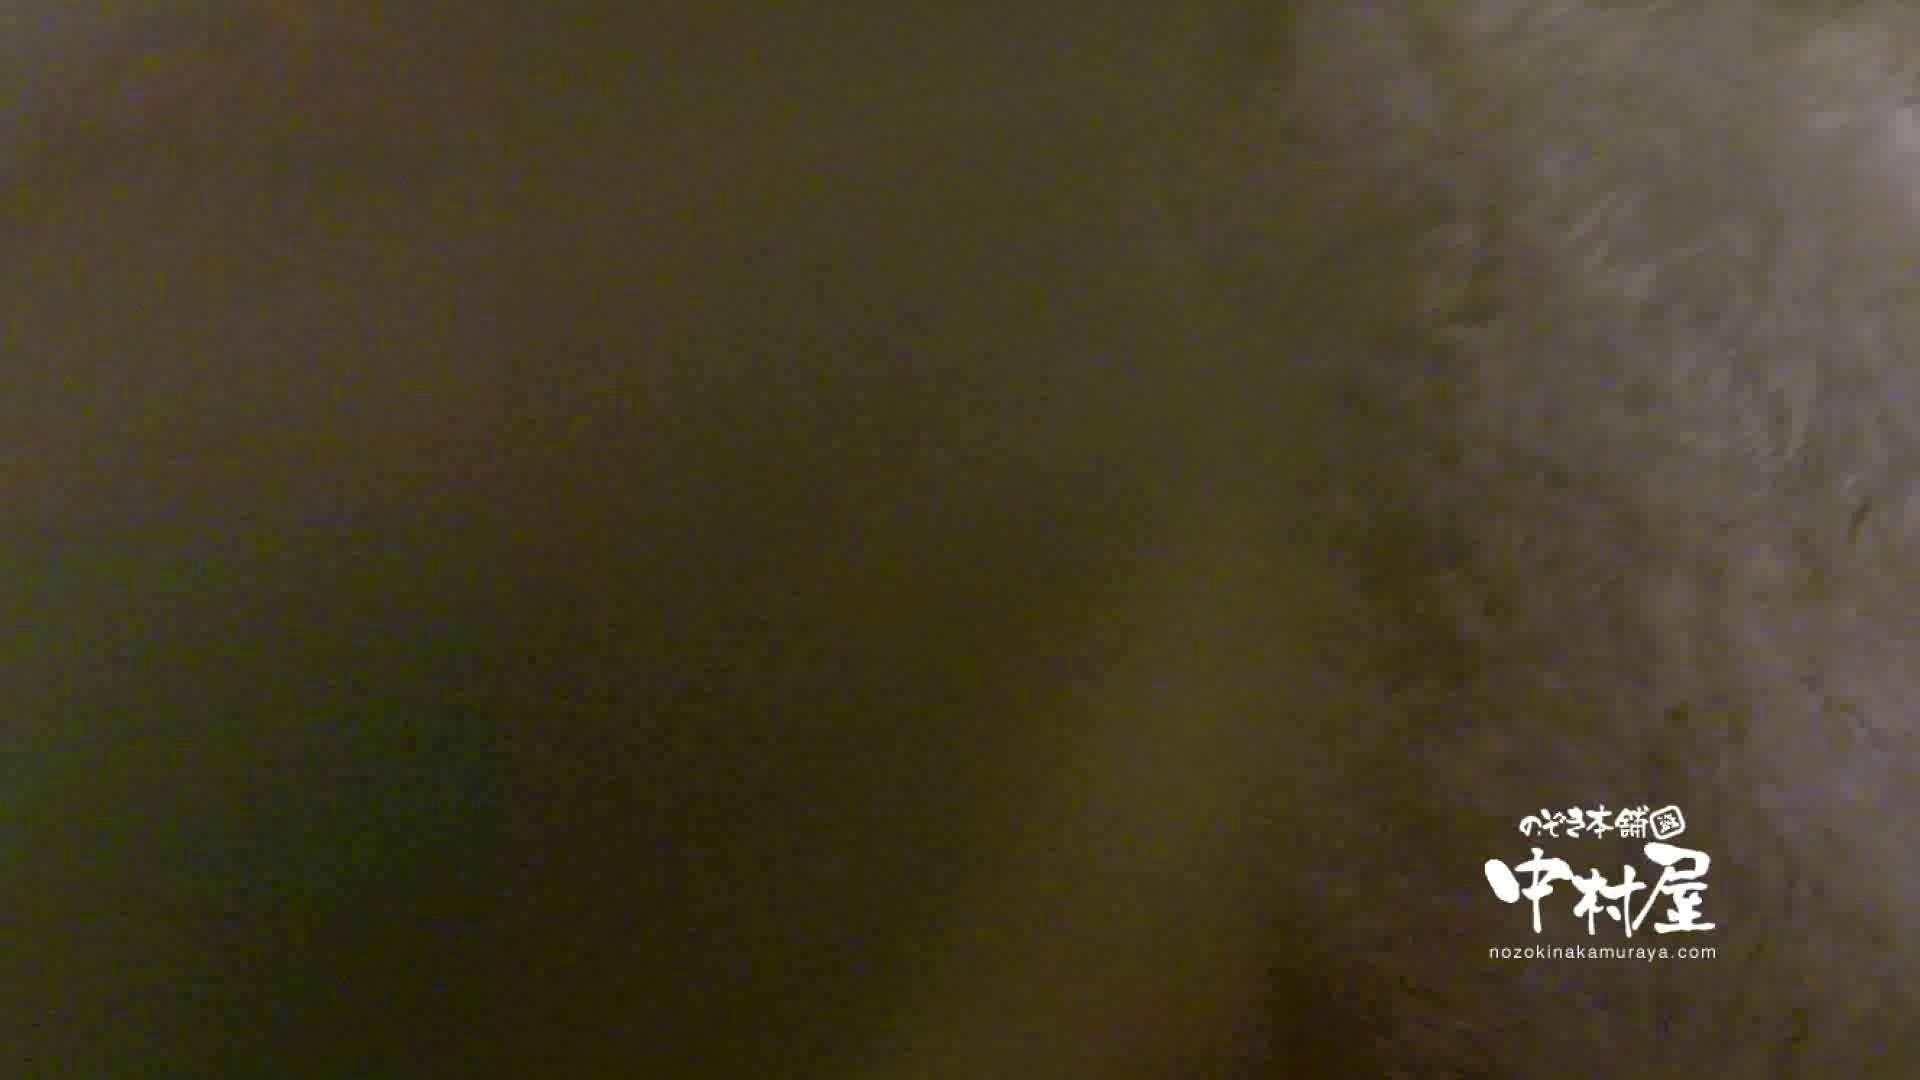 鬼畜 vol.17 中に出さないでください(アニメ声で懇願) 前編 美しいOLの裸体 | 鬼畜  104pic 23